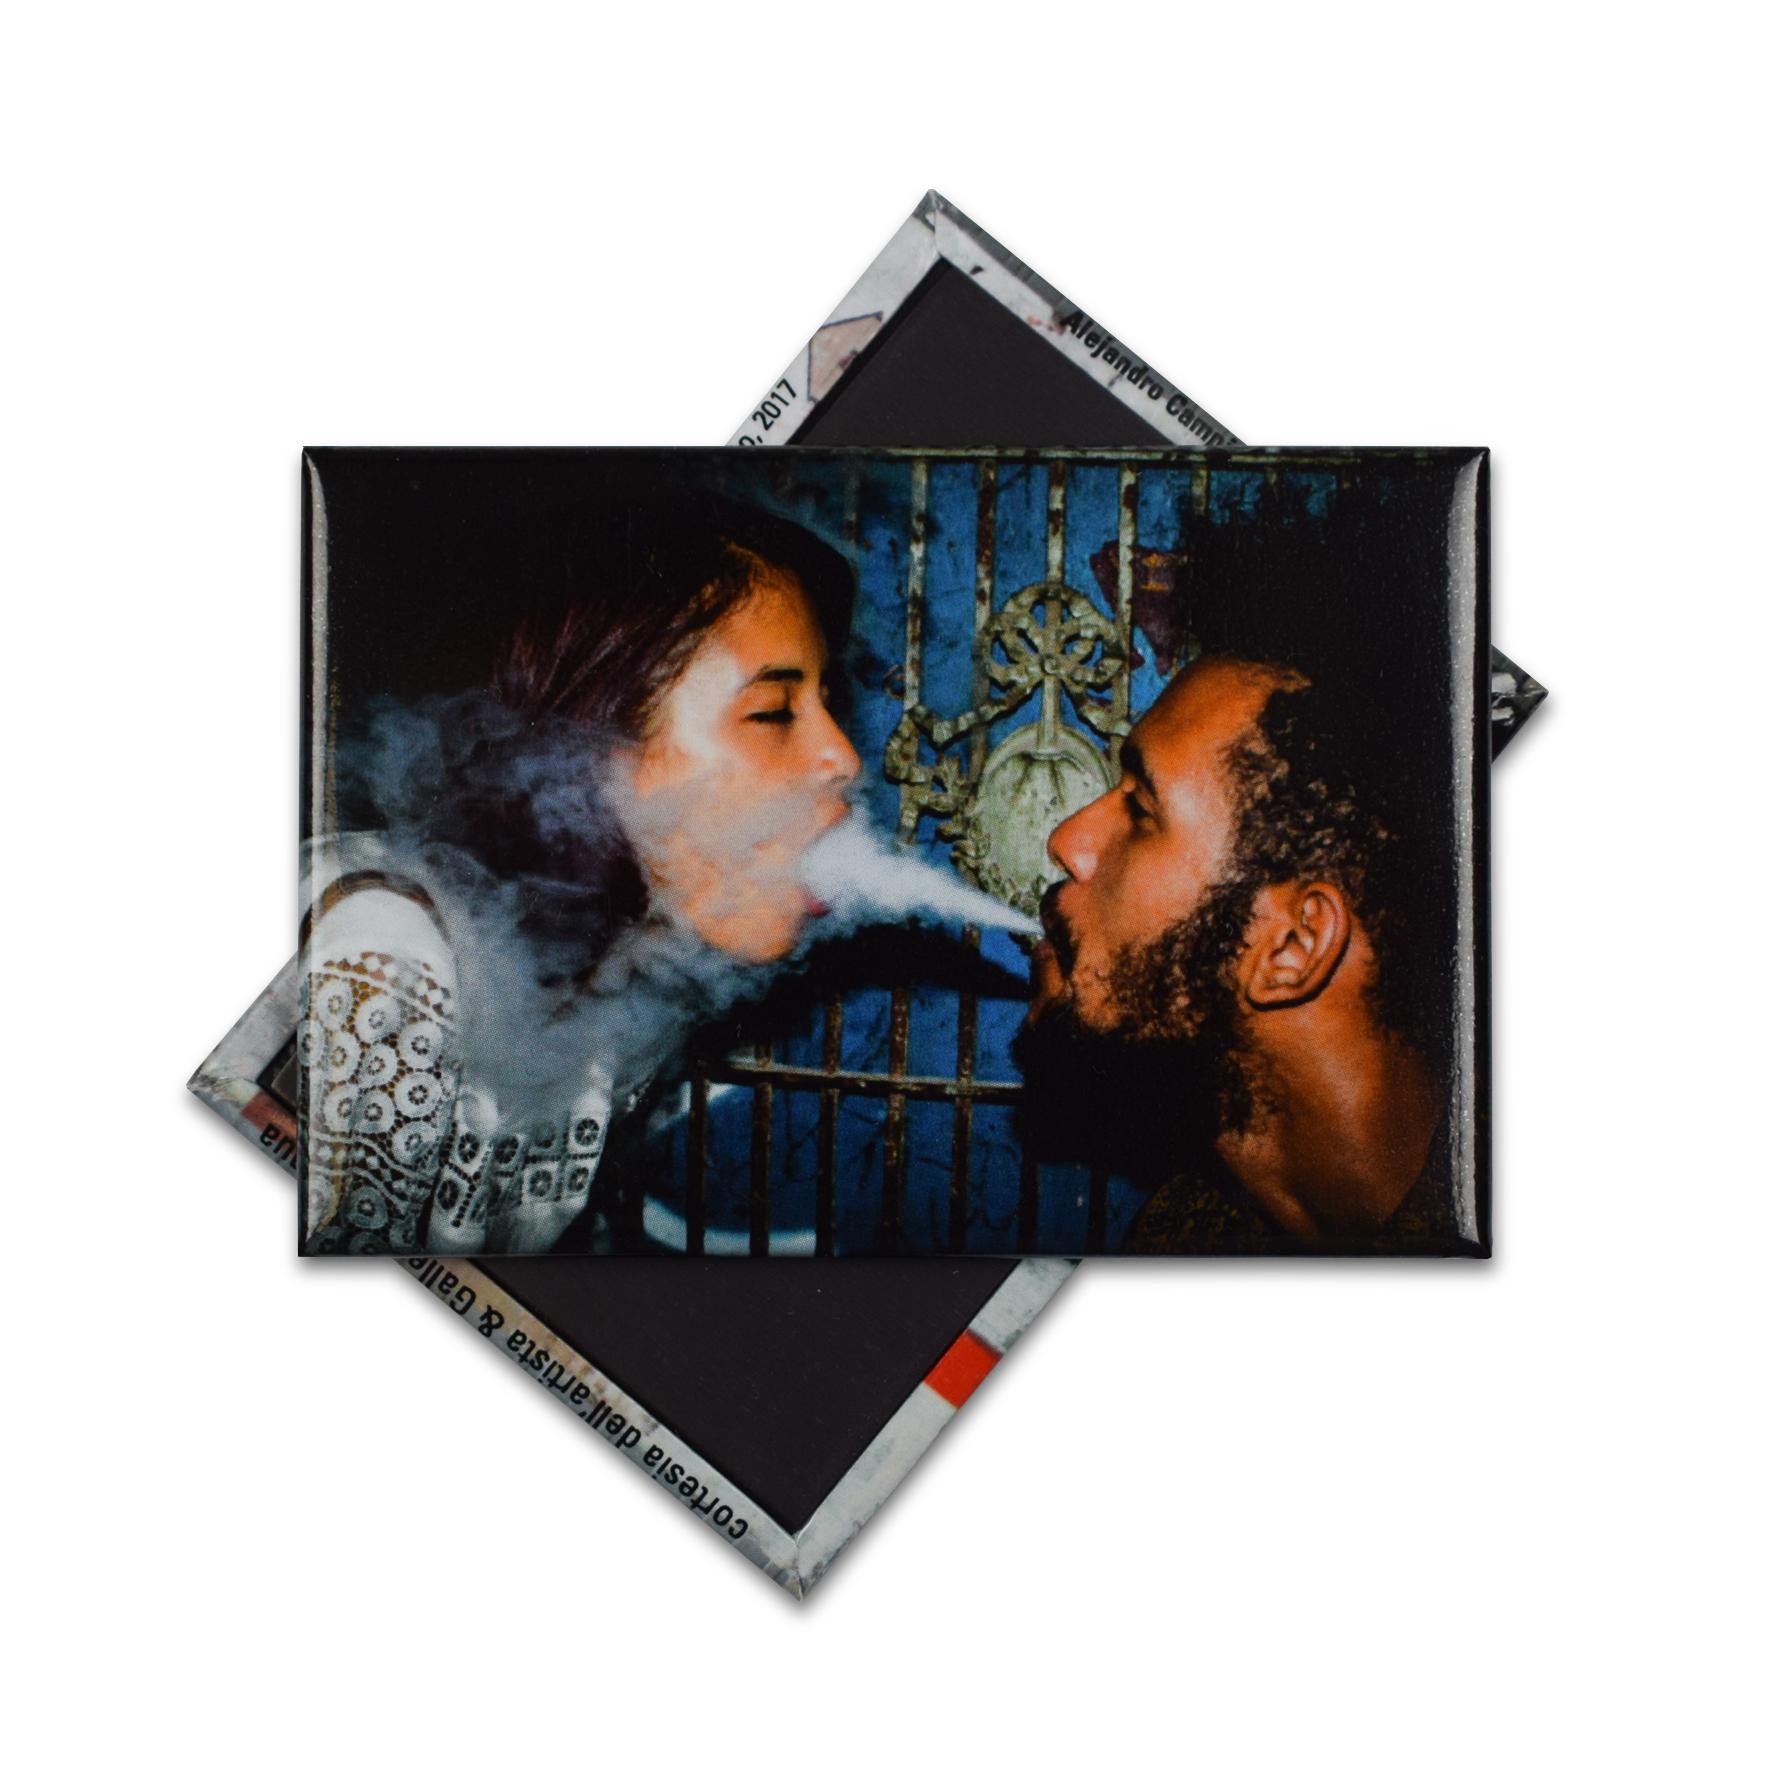 """Magnete personalizzato """"Serie Hotel Roma, 2017"""" Leandro Feal per la mostra """"Soy Cuba?"""""""